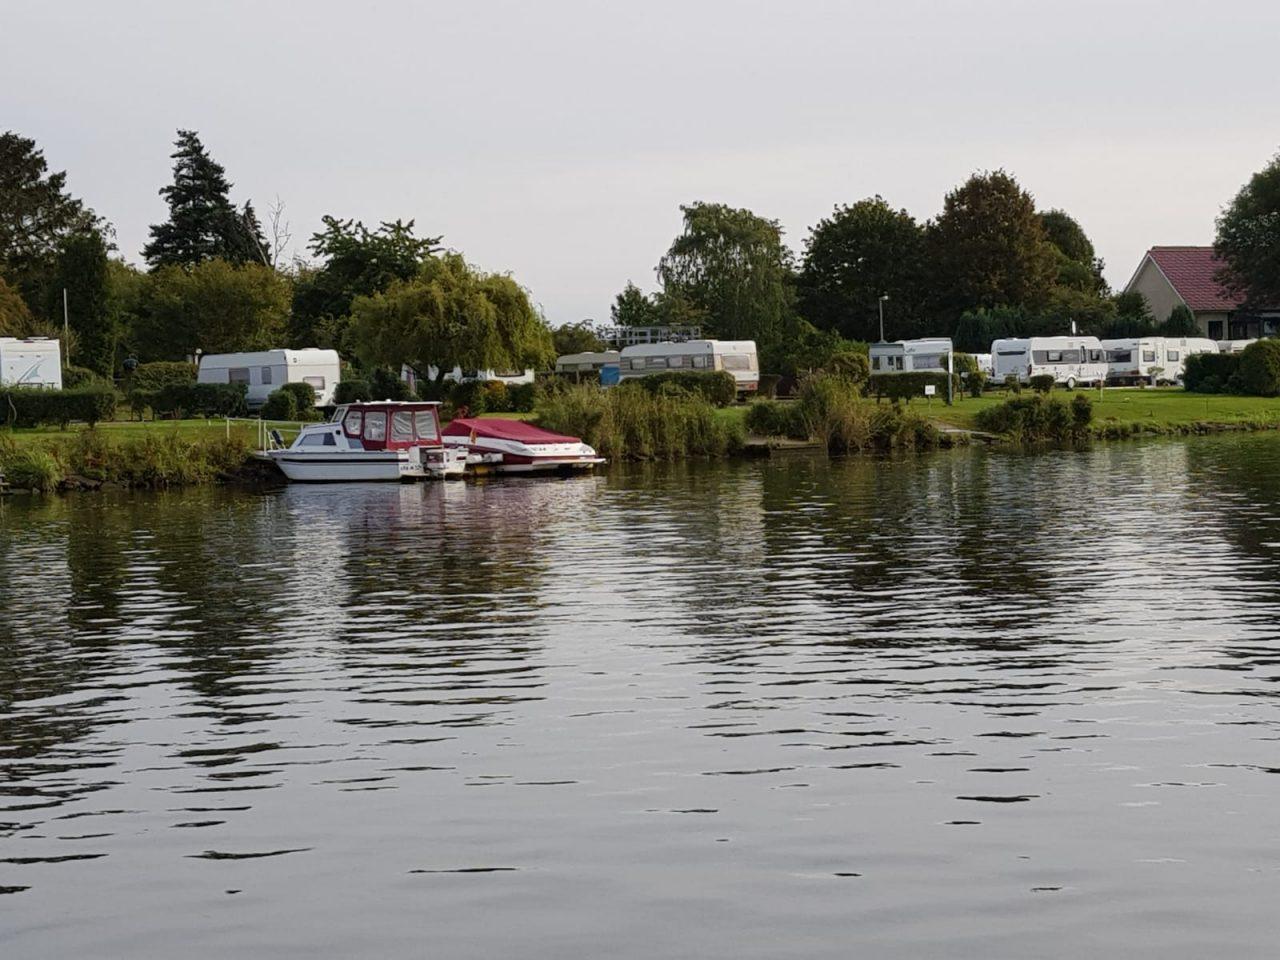 Der Campingplatz  Weser Camping Bollen